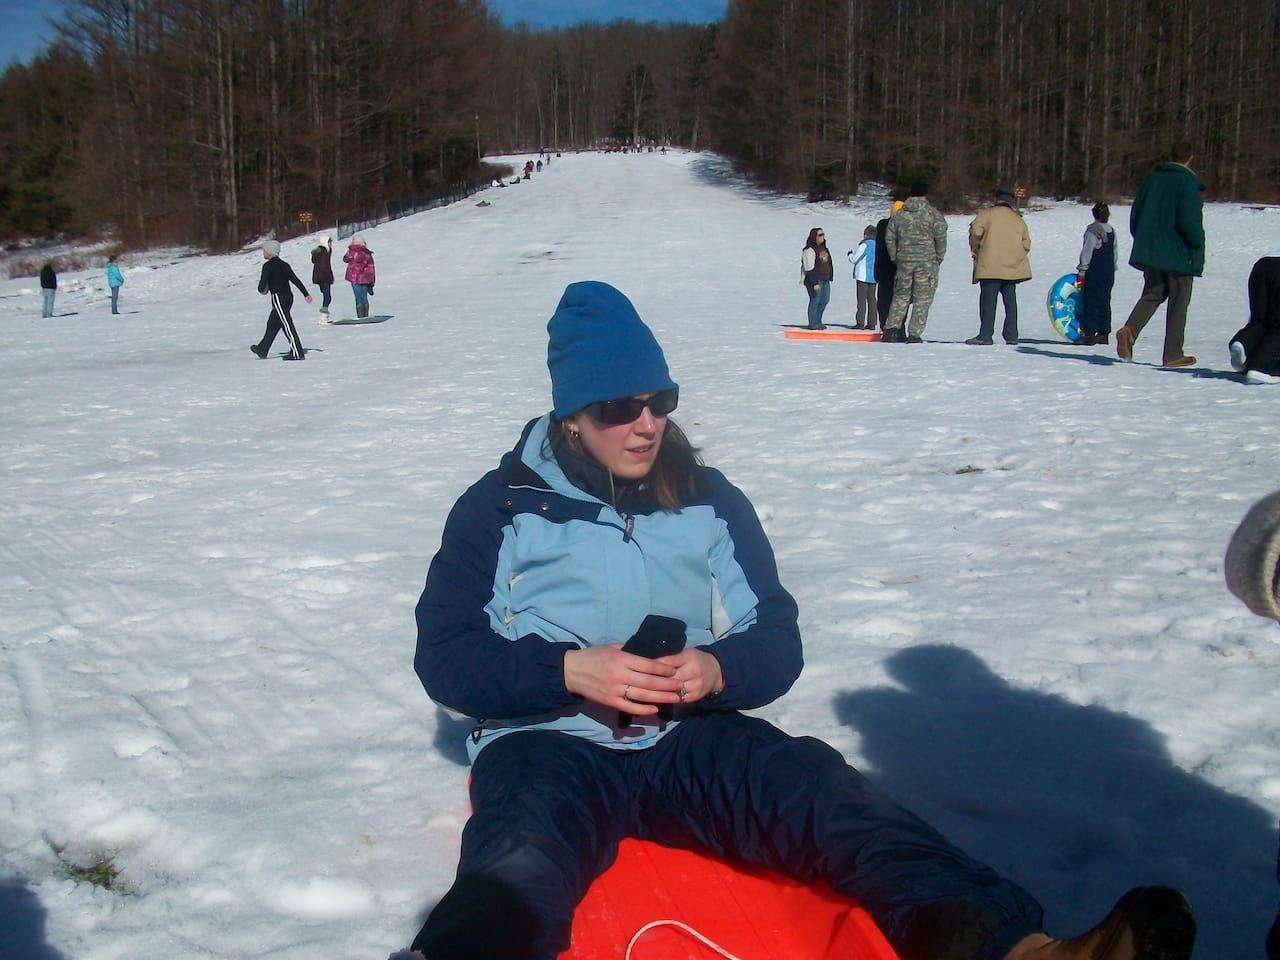 sled riding at Chapman dam